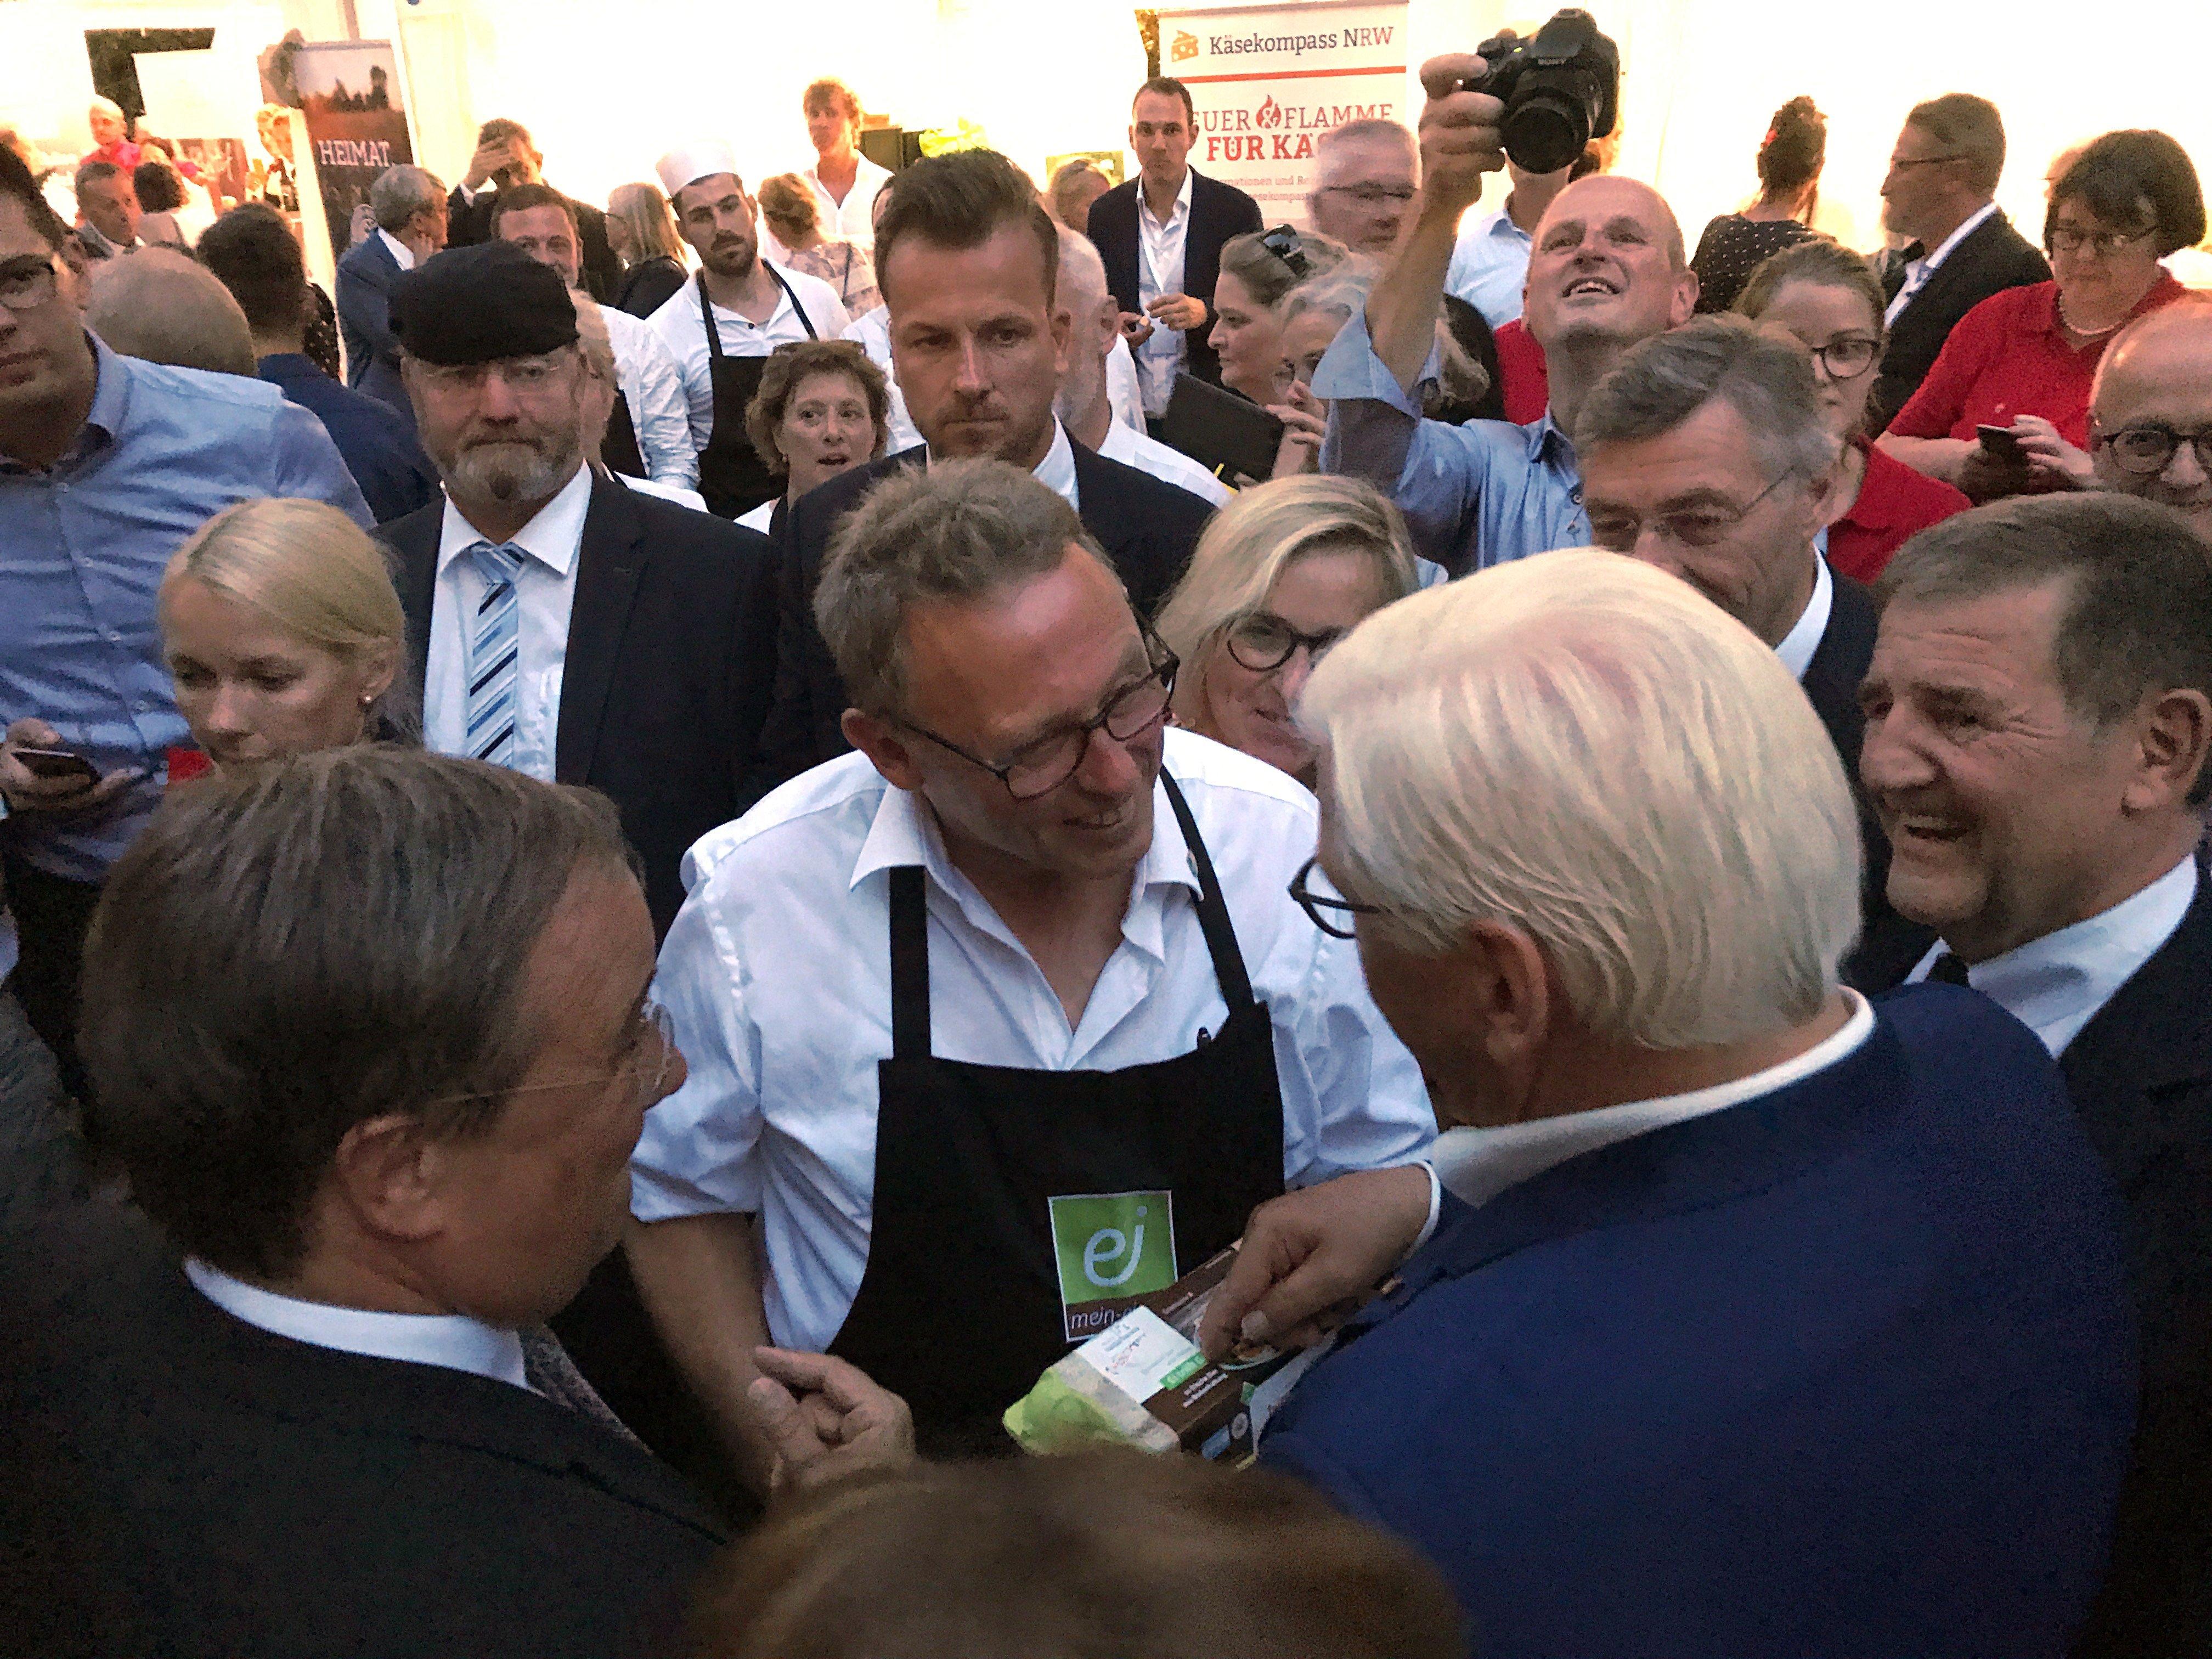 Foto: Dietrich Vriesen (Vorstandsvorsitzender mein-ei.nrw e. V.) mit Bundespräsident Frank-Walter Steinmeier und NRW-Ministerpräsident Armin Laschet (Foto: Frank Maurer   milch-nrw.de)